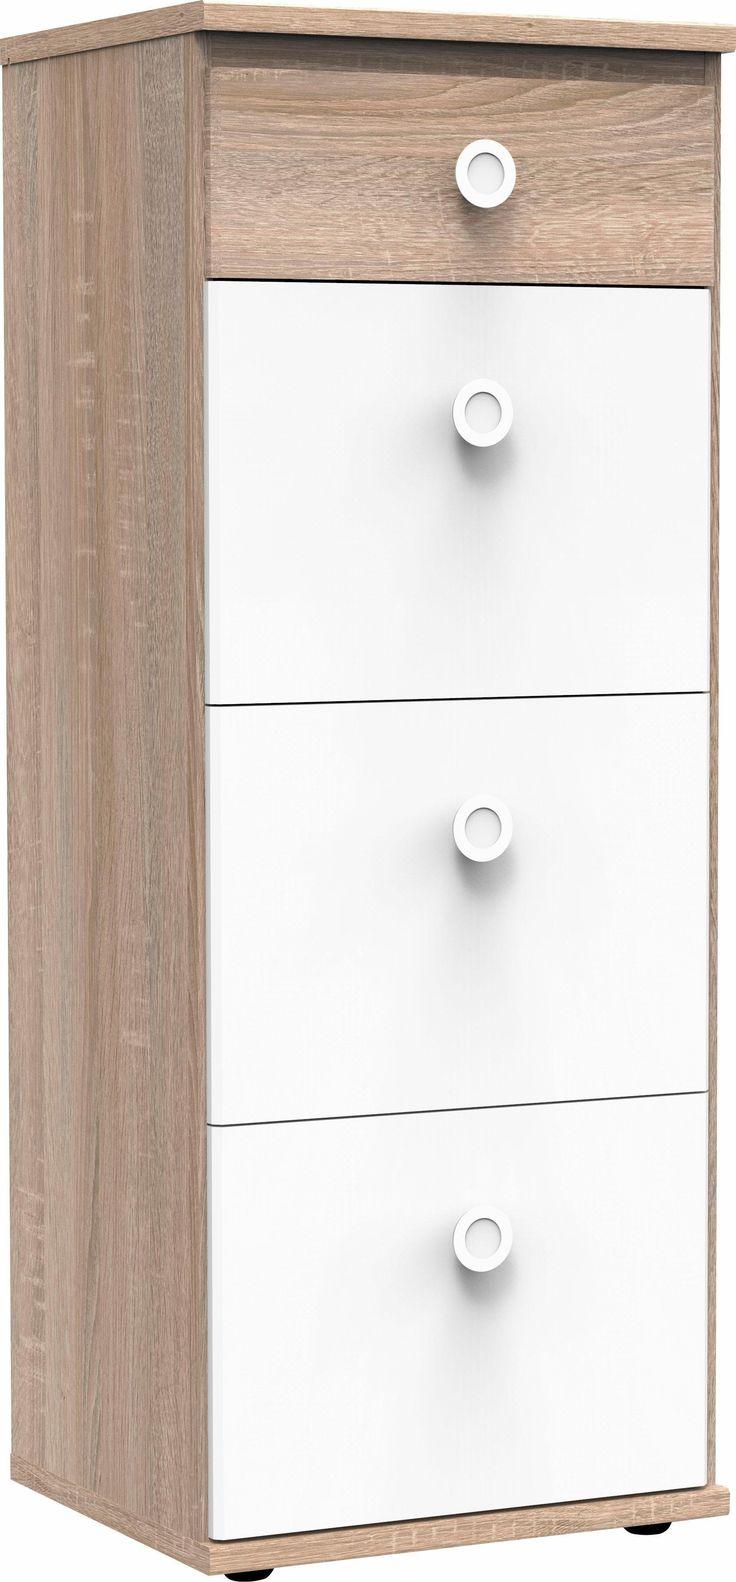 Wimex Hochkommode »Hamburg«, mit Spiegel Jetzt bestellen unter: https://moebel.ladendirekt.de/wohnzimmer/schraenke/highboards/?uid=89c68373-0ce6-5168-89ef-782d4280e296&utm_source=pinterest&utm_medium=pin&utm_campaign=boards #möbel #highboards #schraenke #kommoden #schubladenkommoden #wohnzimmer